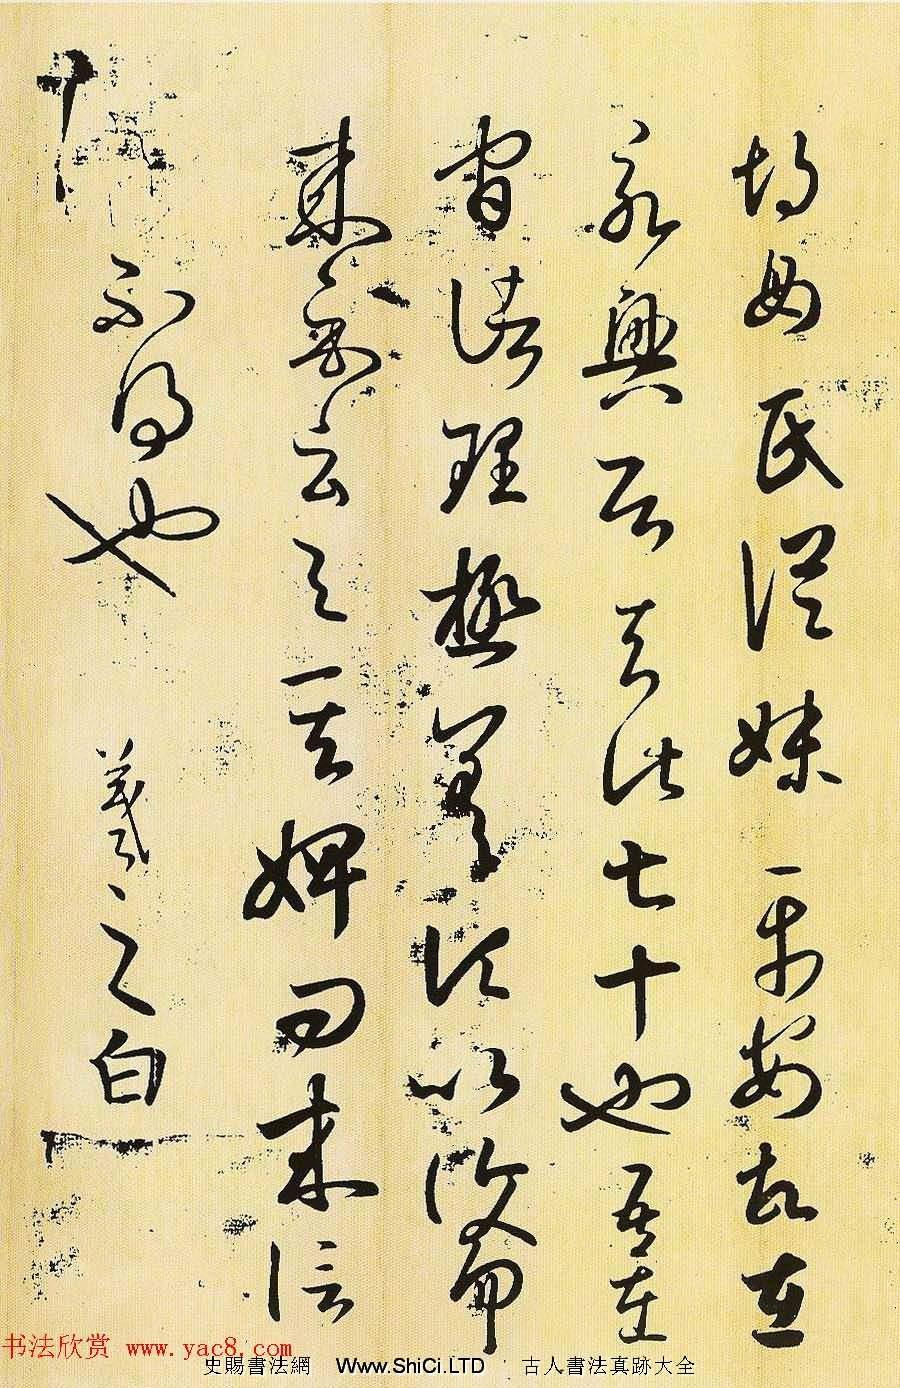 王羲之草書真跡欣賞《胡母帖》三種(共3張圖片)